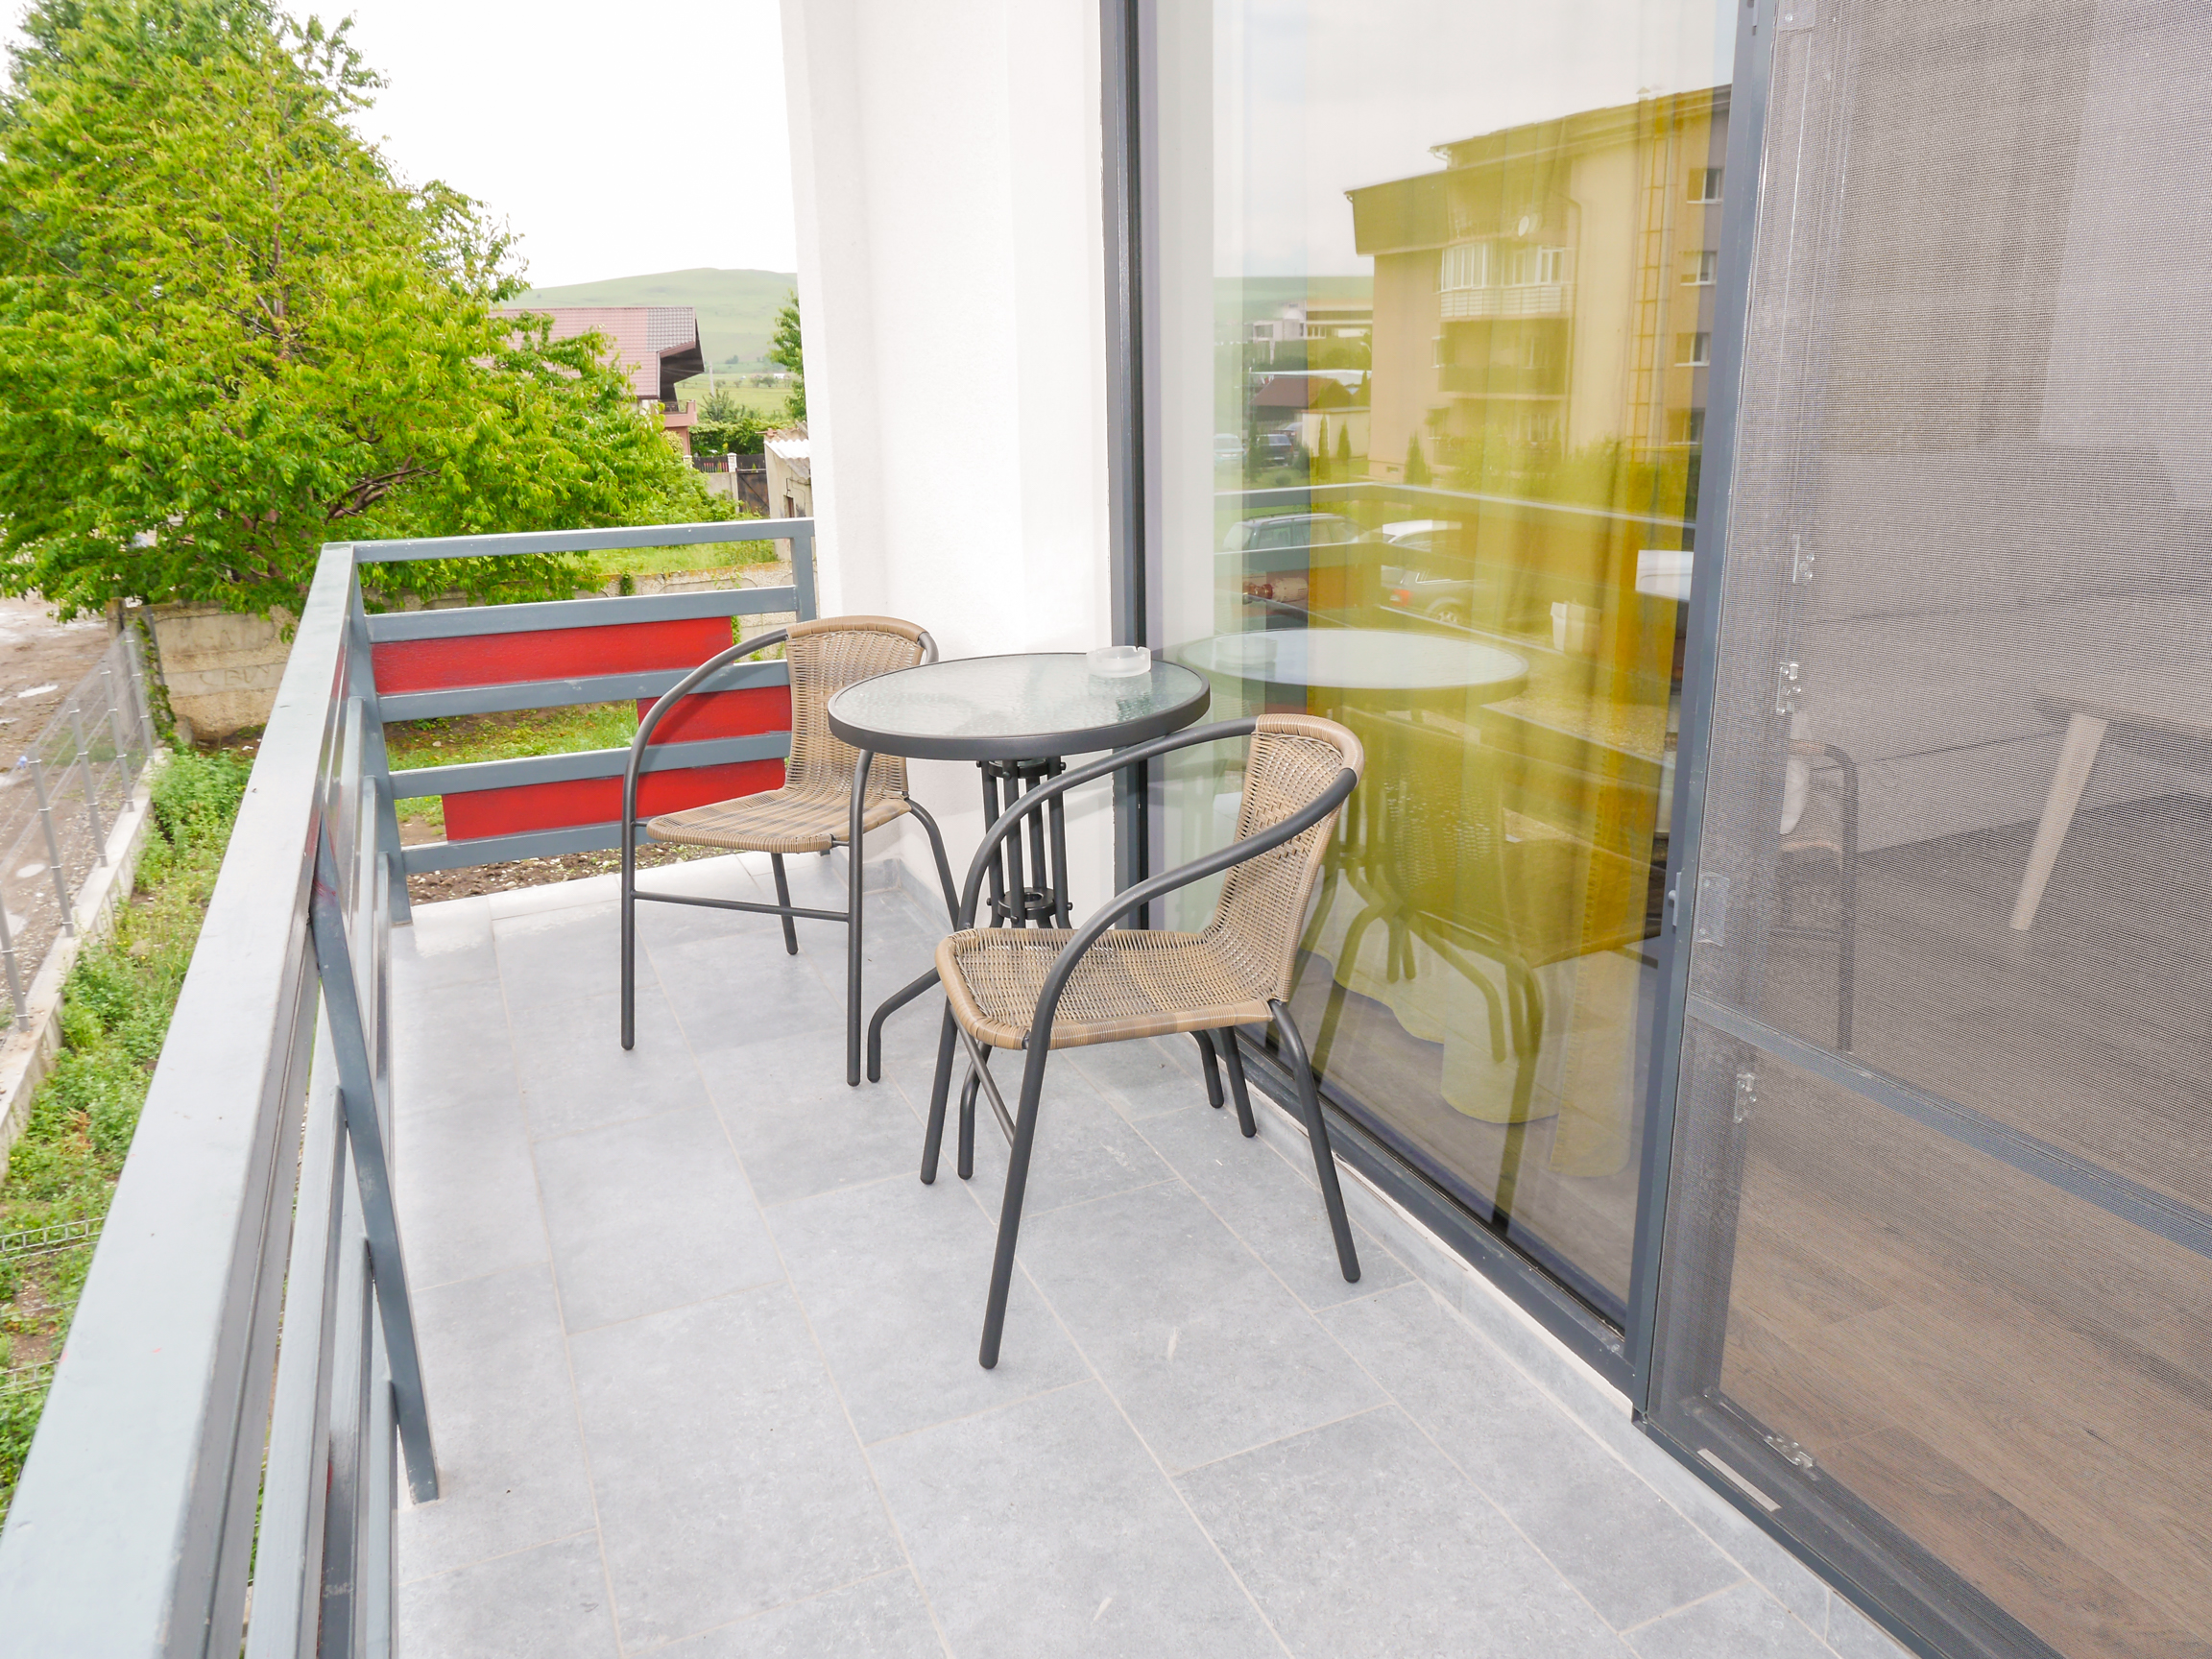 Clement Apartments - apartamente de inchiriat in regim hotelier - cazare neamt - cazare piatra neamt - apartament 5 (8)